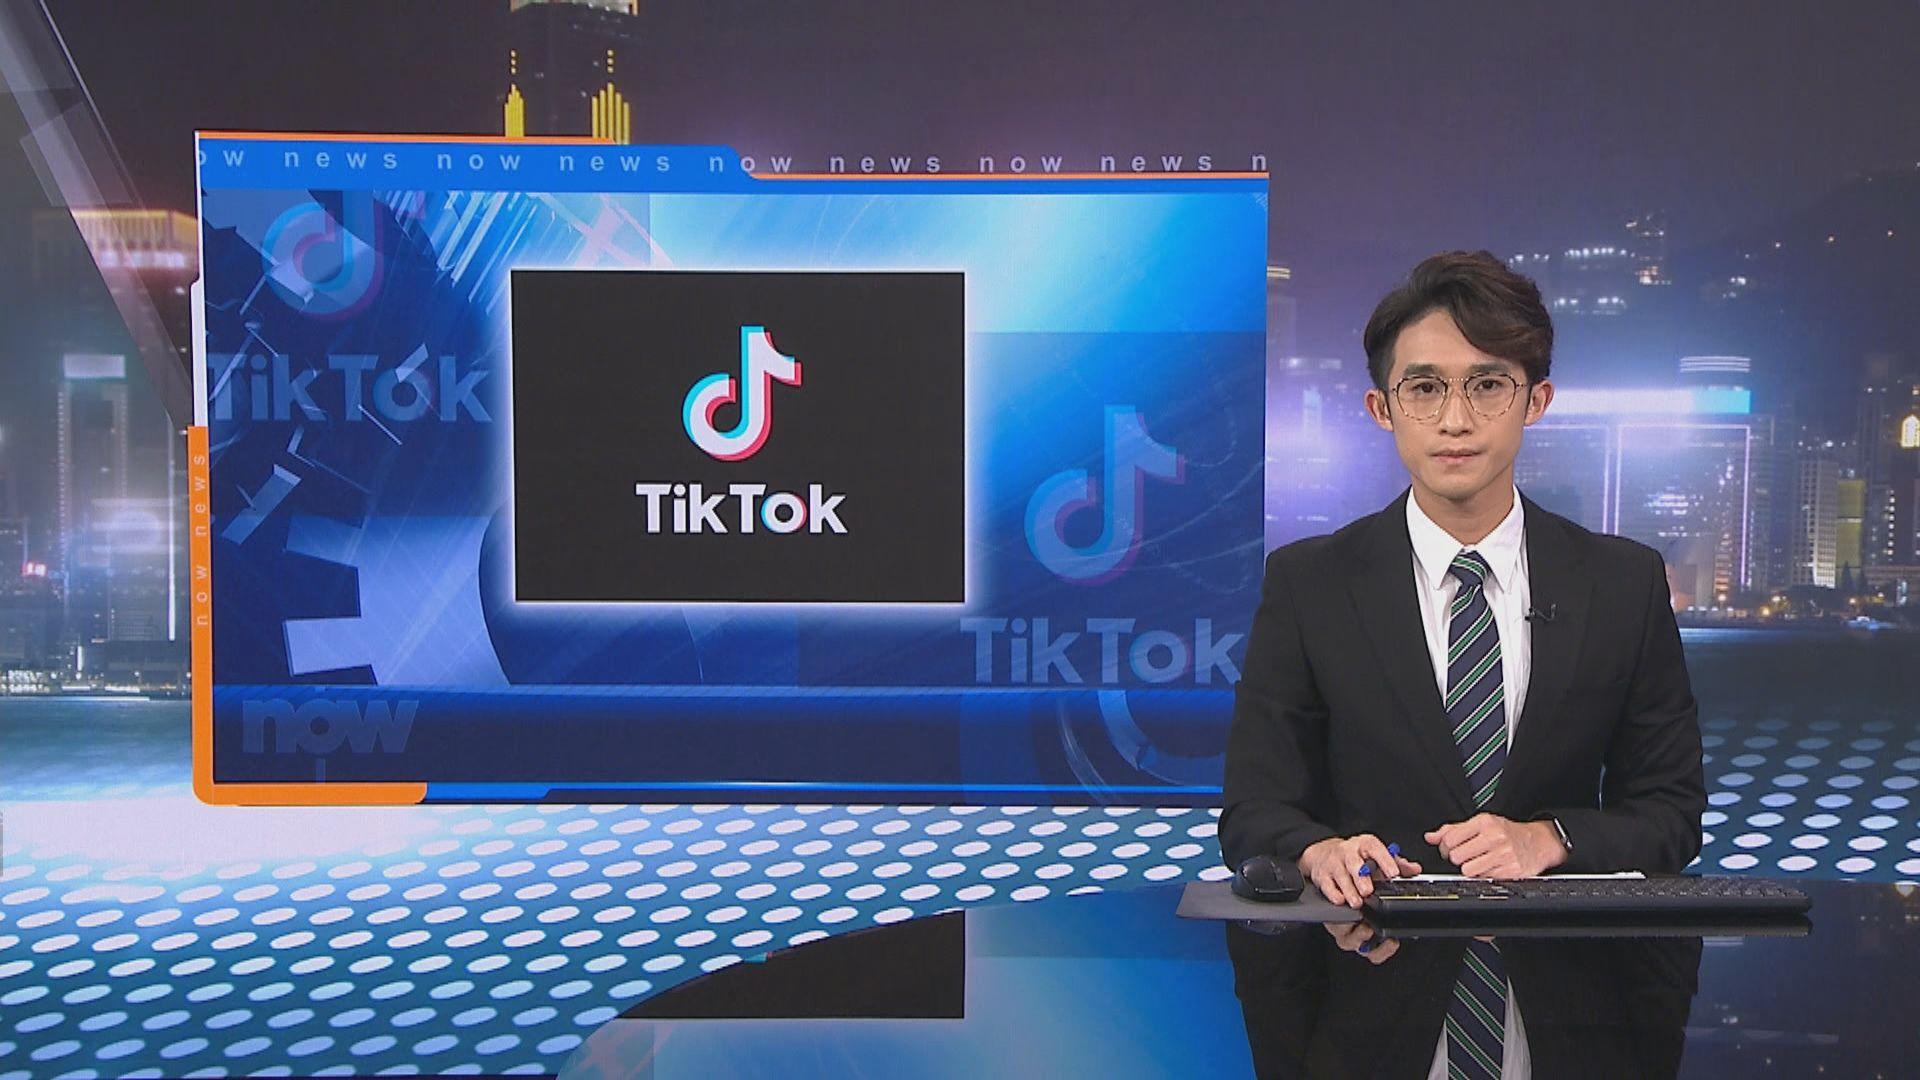 報道指字節跳動難以在限期前出售TikTok美國業務